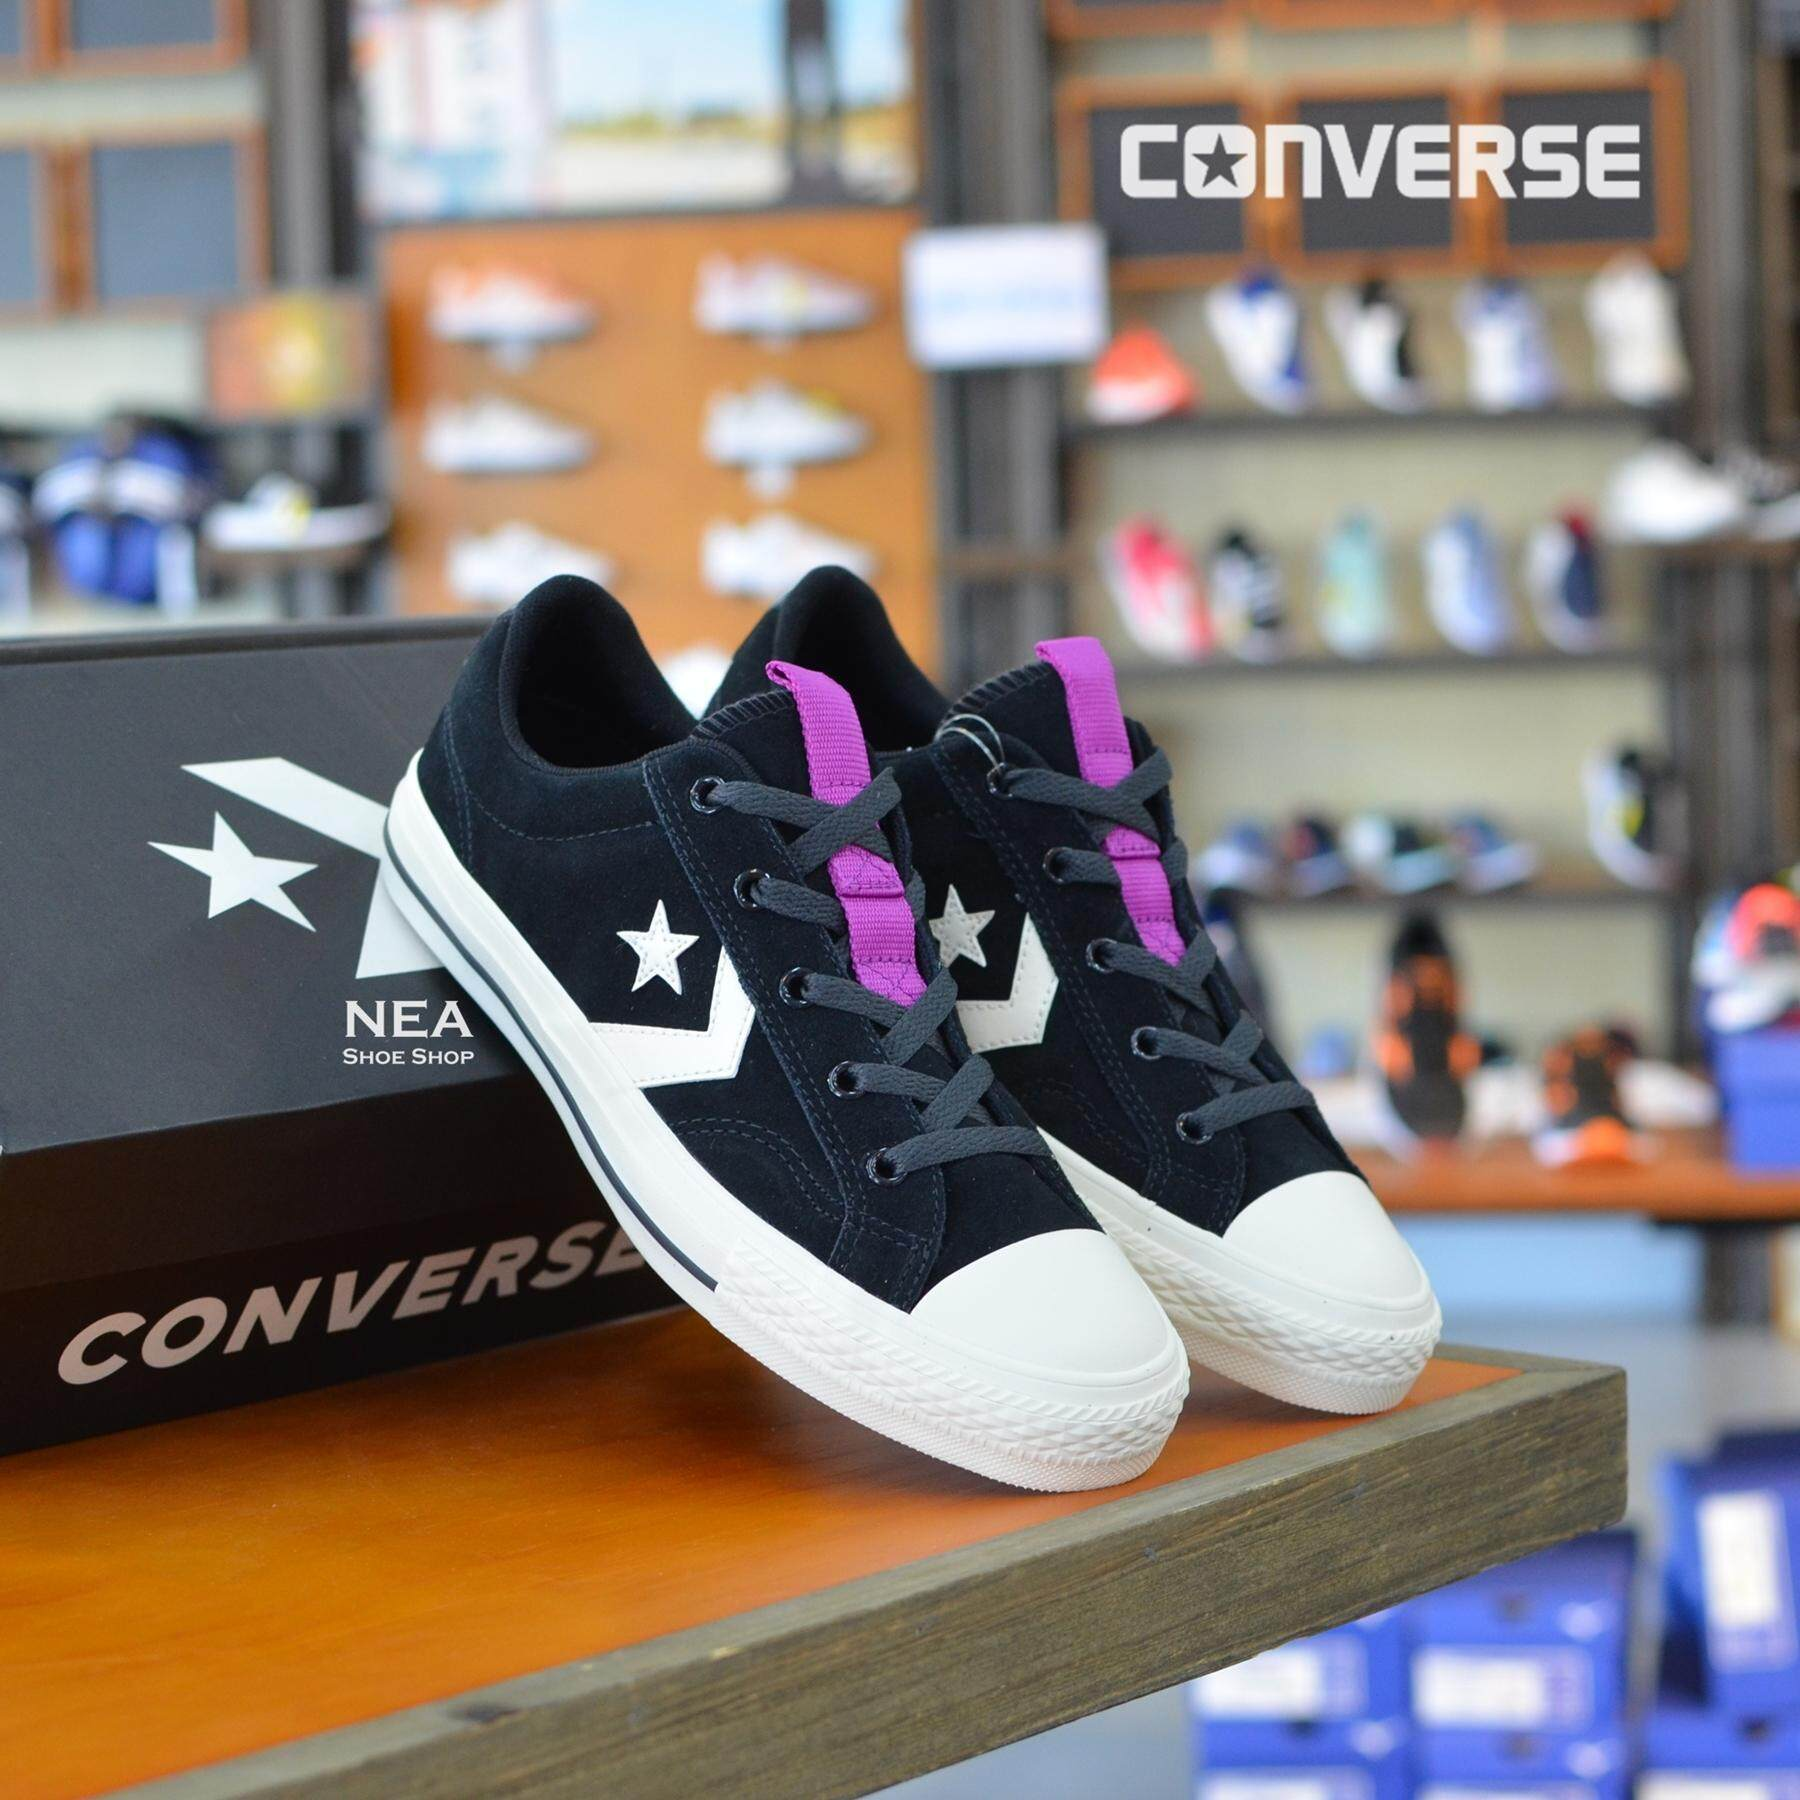 การใช้งาน  ตาก [ลิขสิทธิ์แท้] Converse Star Player (Suede) ox สี ดำ/ม่วง รองเท้าผ้าใบ